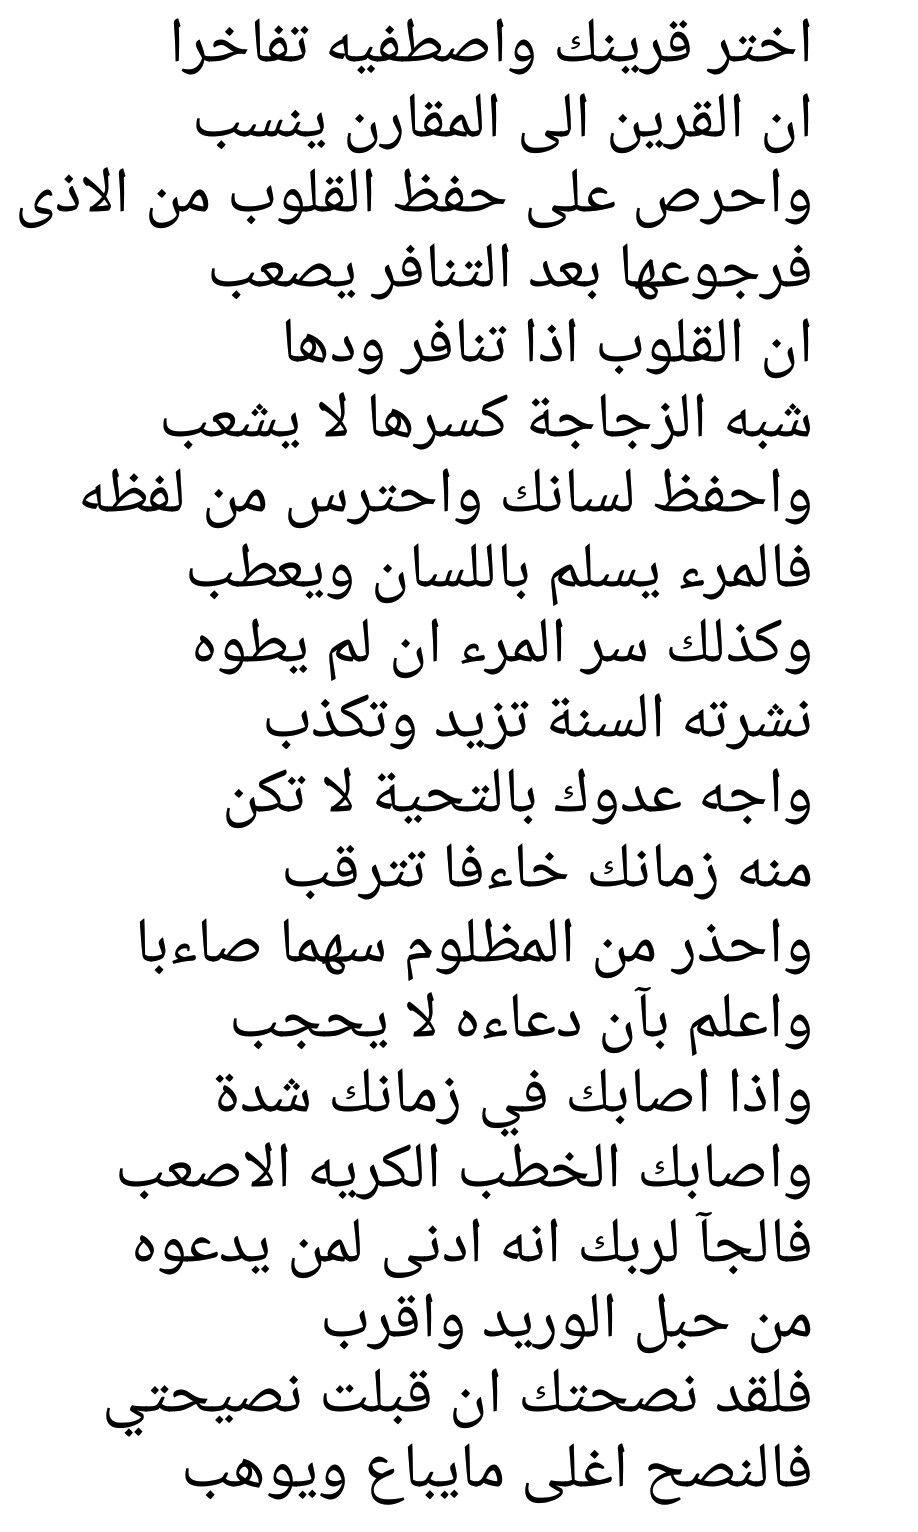 علي بن ابي طالب كرم الله وجهه ورضي الله عنه Powerful Words Quotations Words